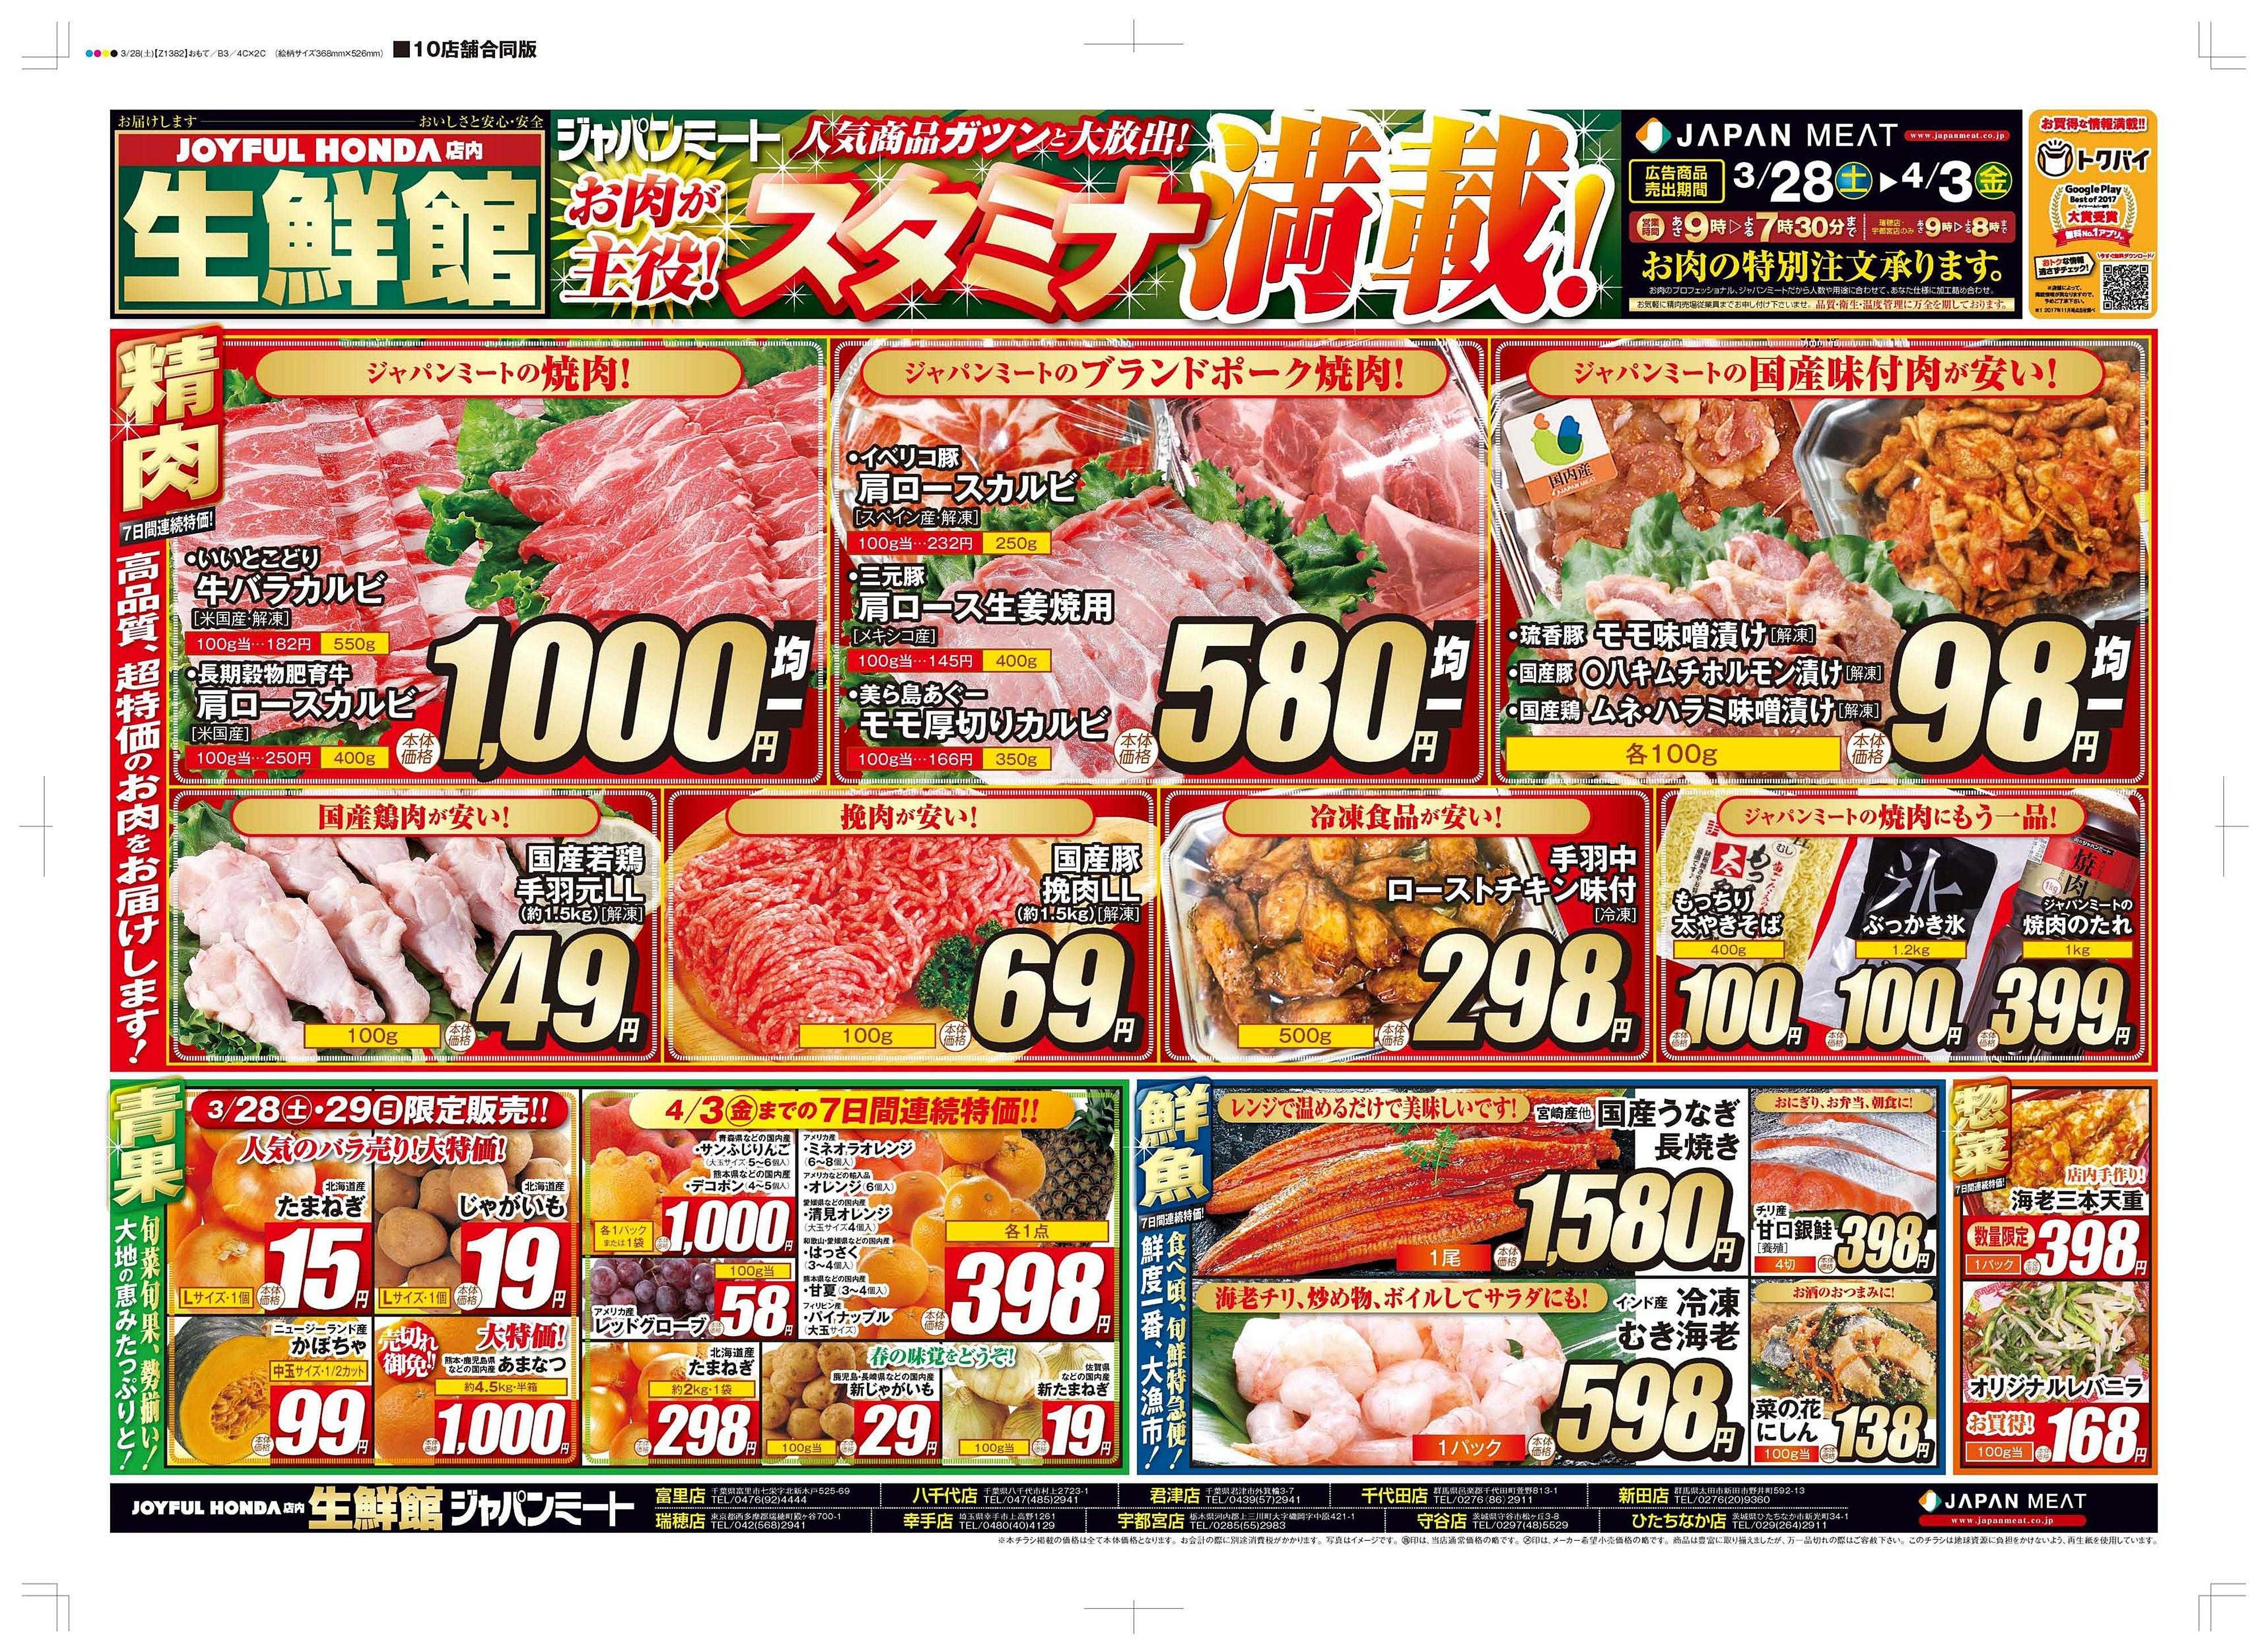 ジャパンミート生鮮館 スタミナ満載